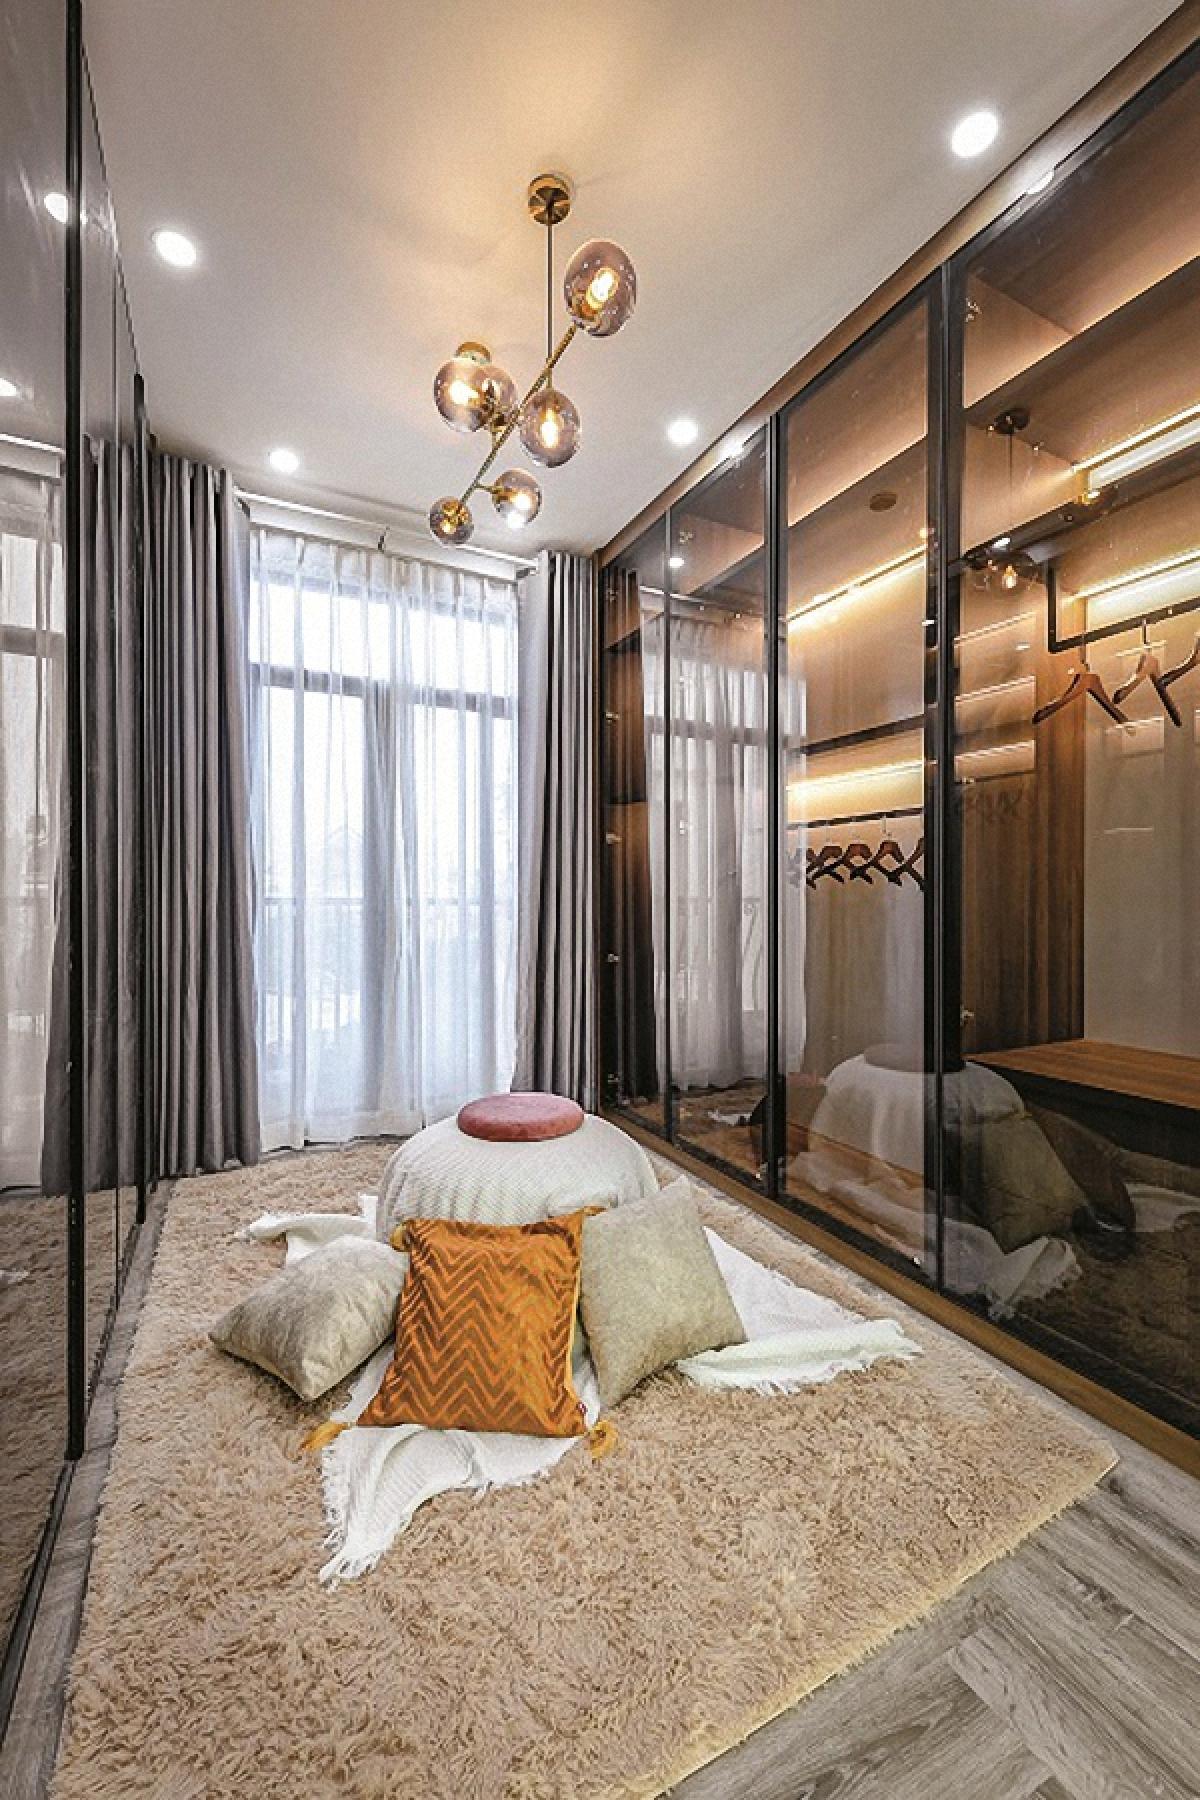 Phòng thay quần áo kế bên phòng ngủ của chủ nhân. Tủ quần áo sử dụng vật liệu kính cho cảm giác nhẹ nhàng.